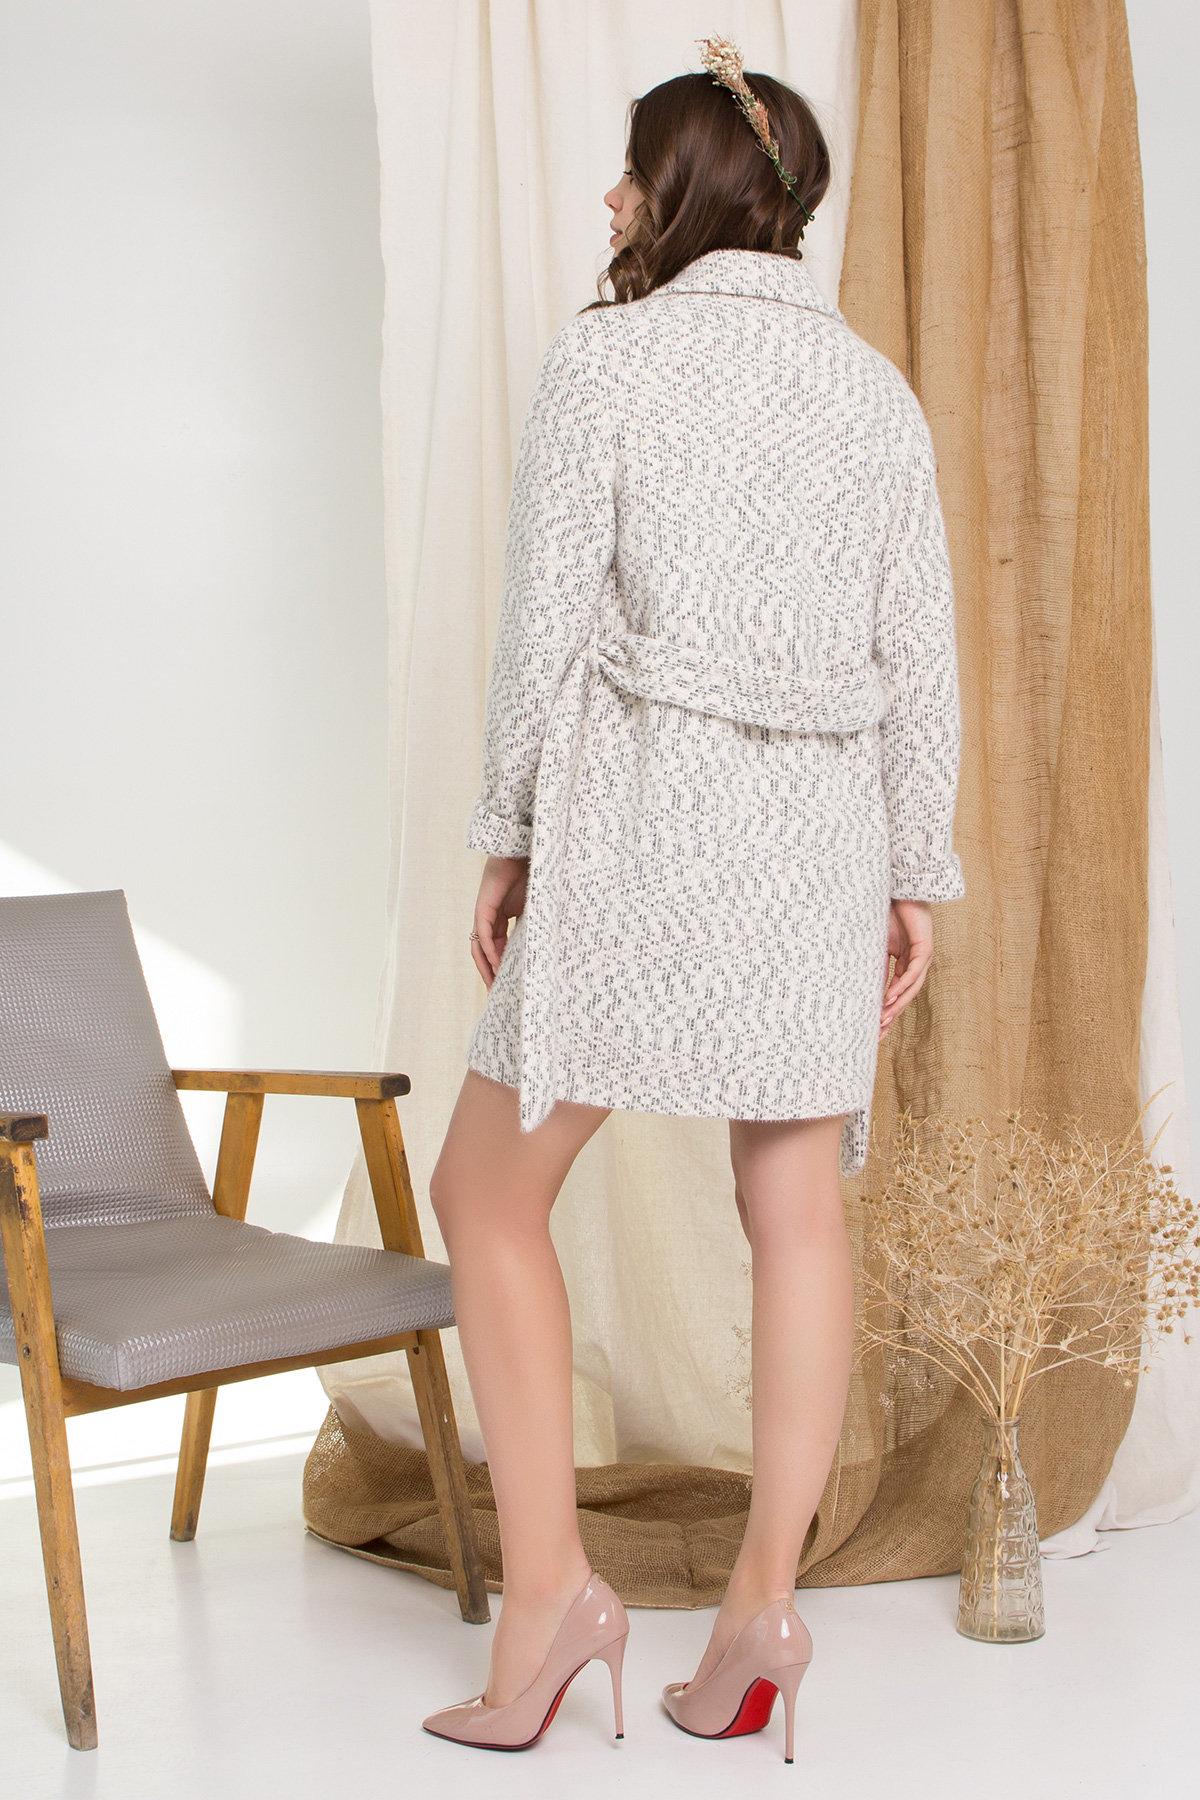 Пальто Живанши 9000 АРТ. 45308 Цвет: Рябь Беж/молоко/серый - фото 2, интернет магазин tm-modus.ru